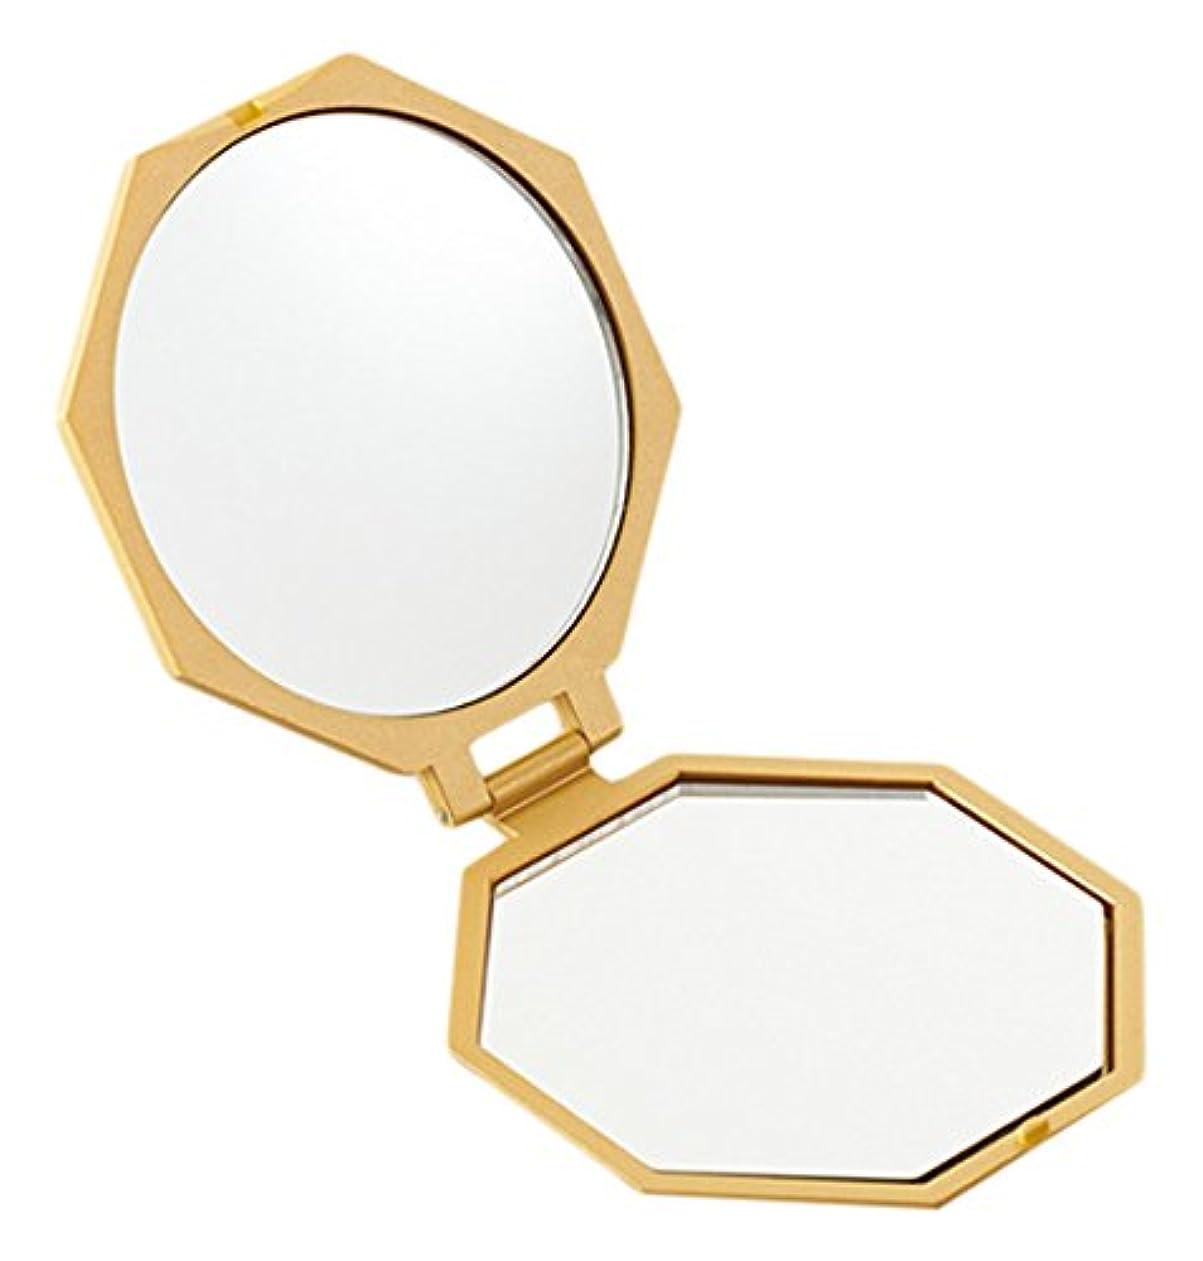 原油褐色チャールズキージングアイメディア 10倍拡大鏡コンパクト八角ミラー